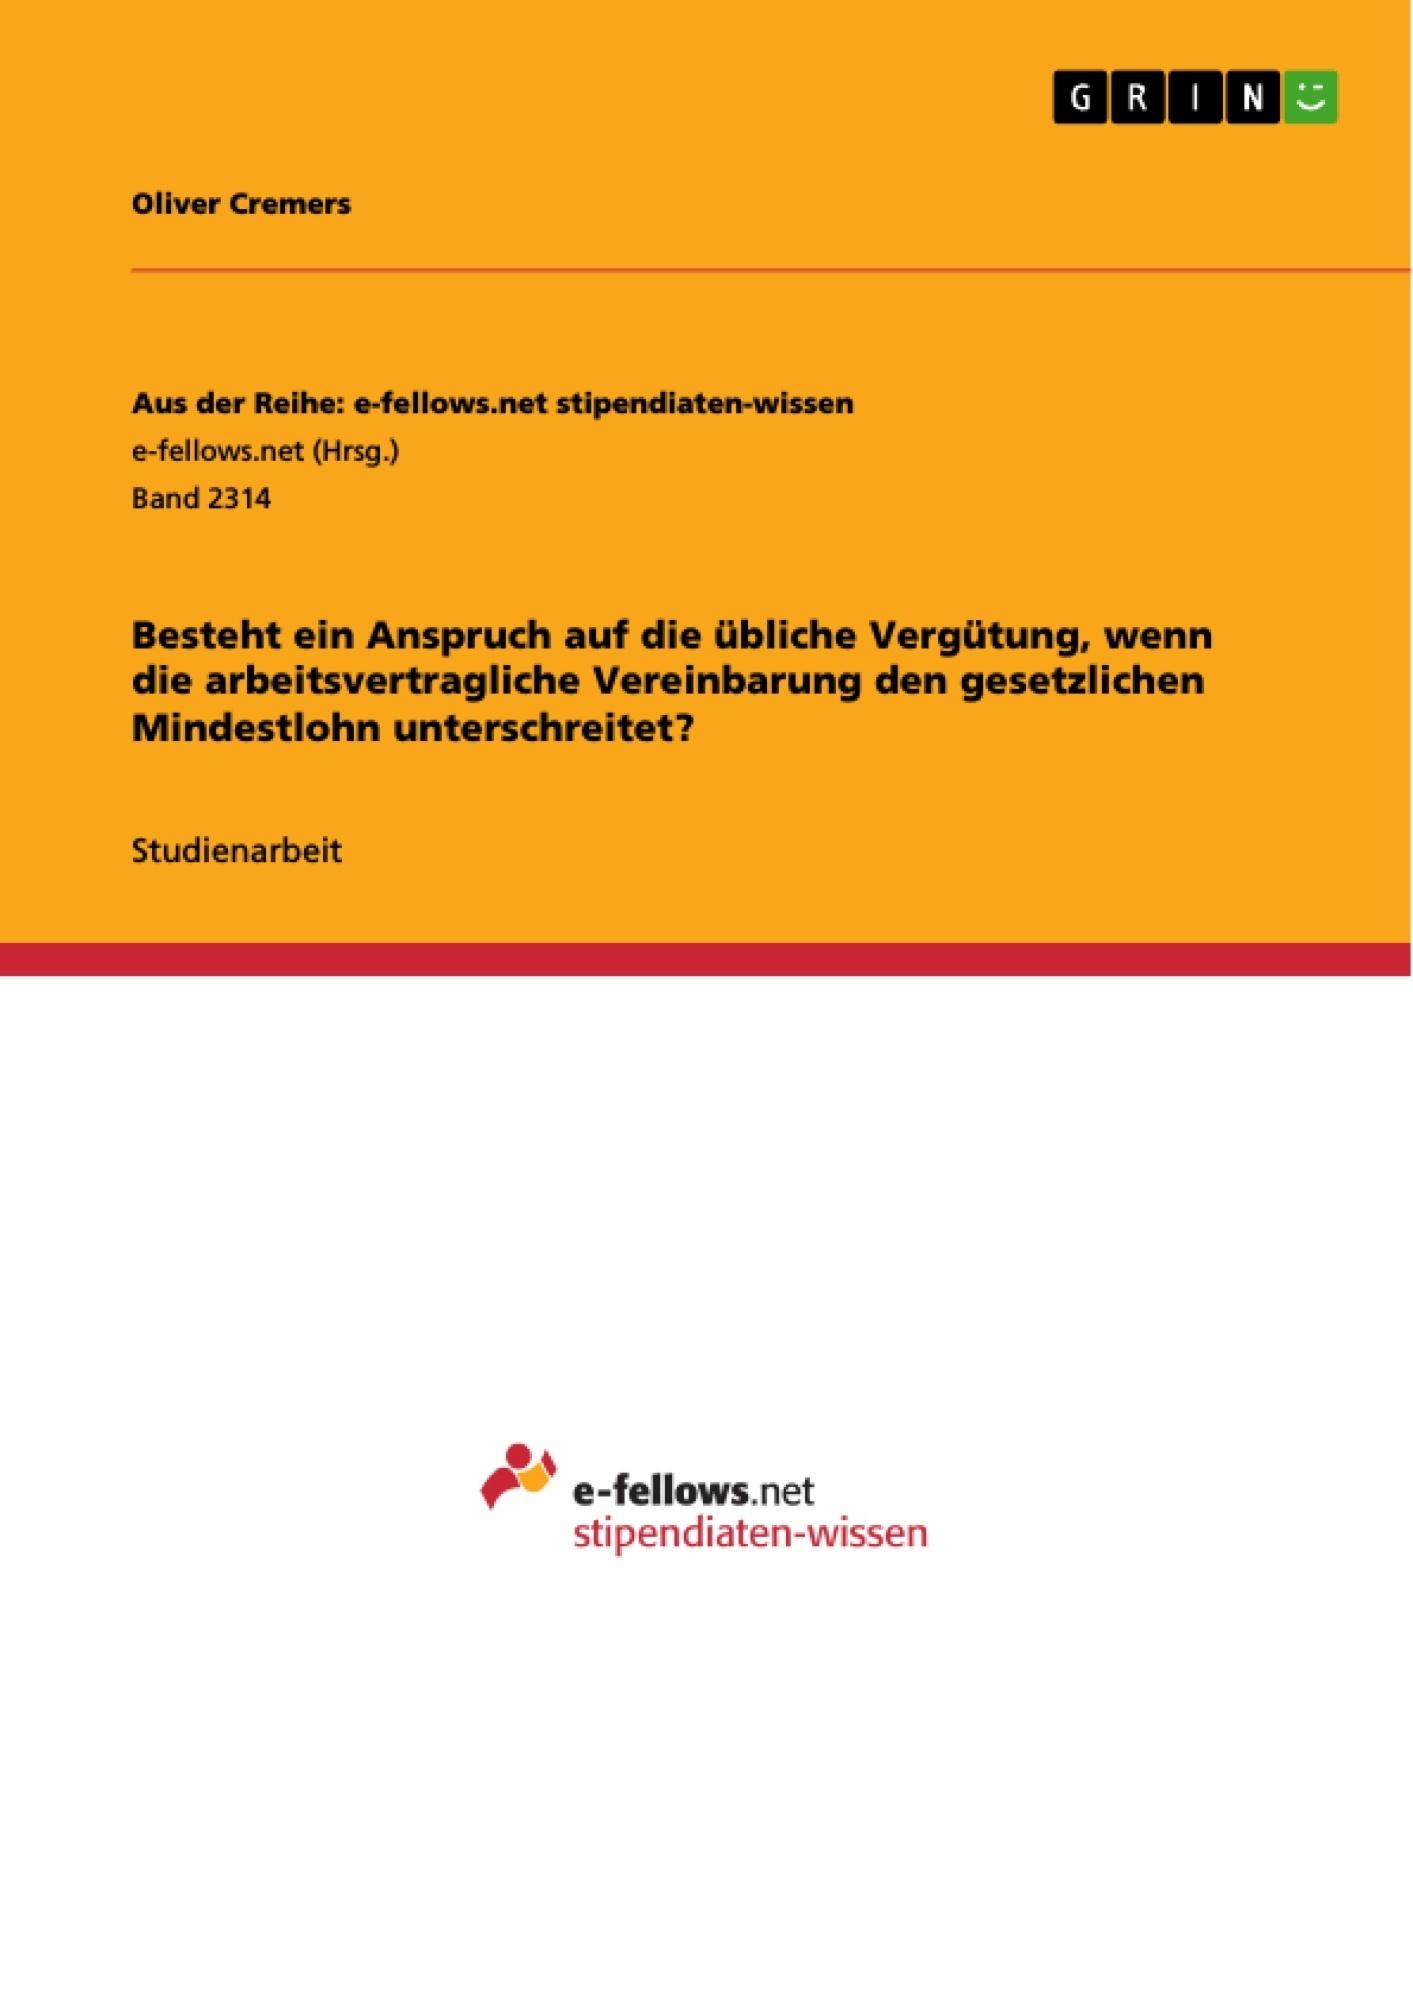 Titel: Besteht ein Anspruch auf die übliche Vergütung, wenn die arbeitsvertragliche Vereinbarung den gesetzlichen Mindestlohn unterschreitet?